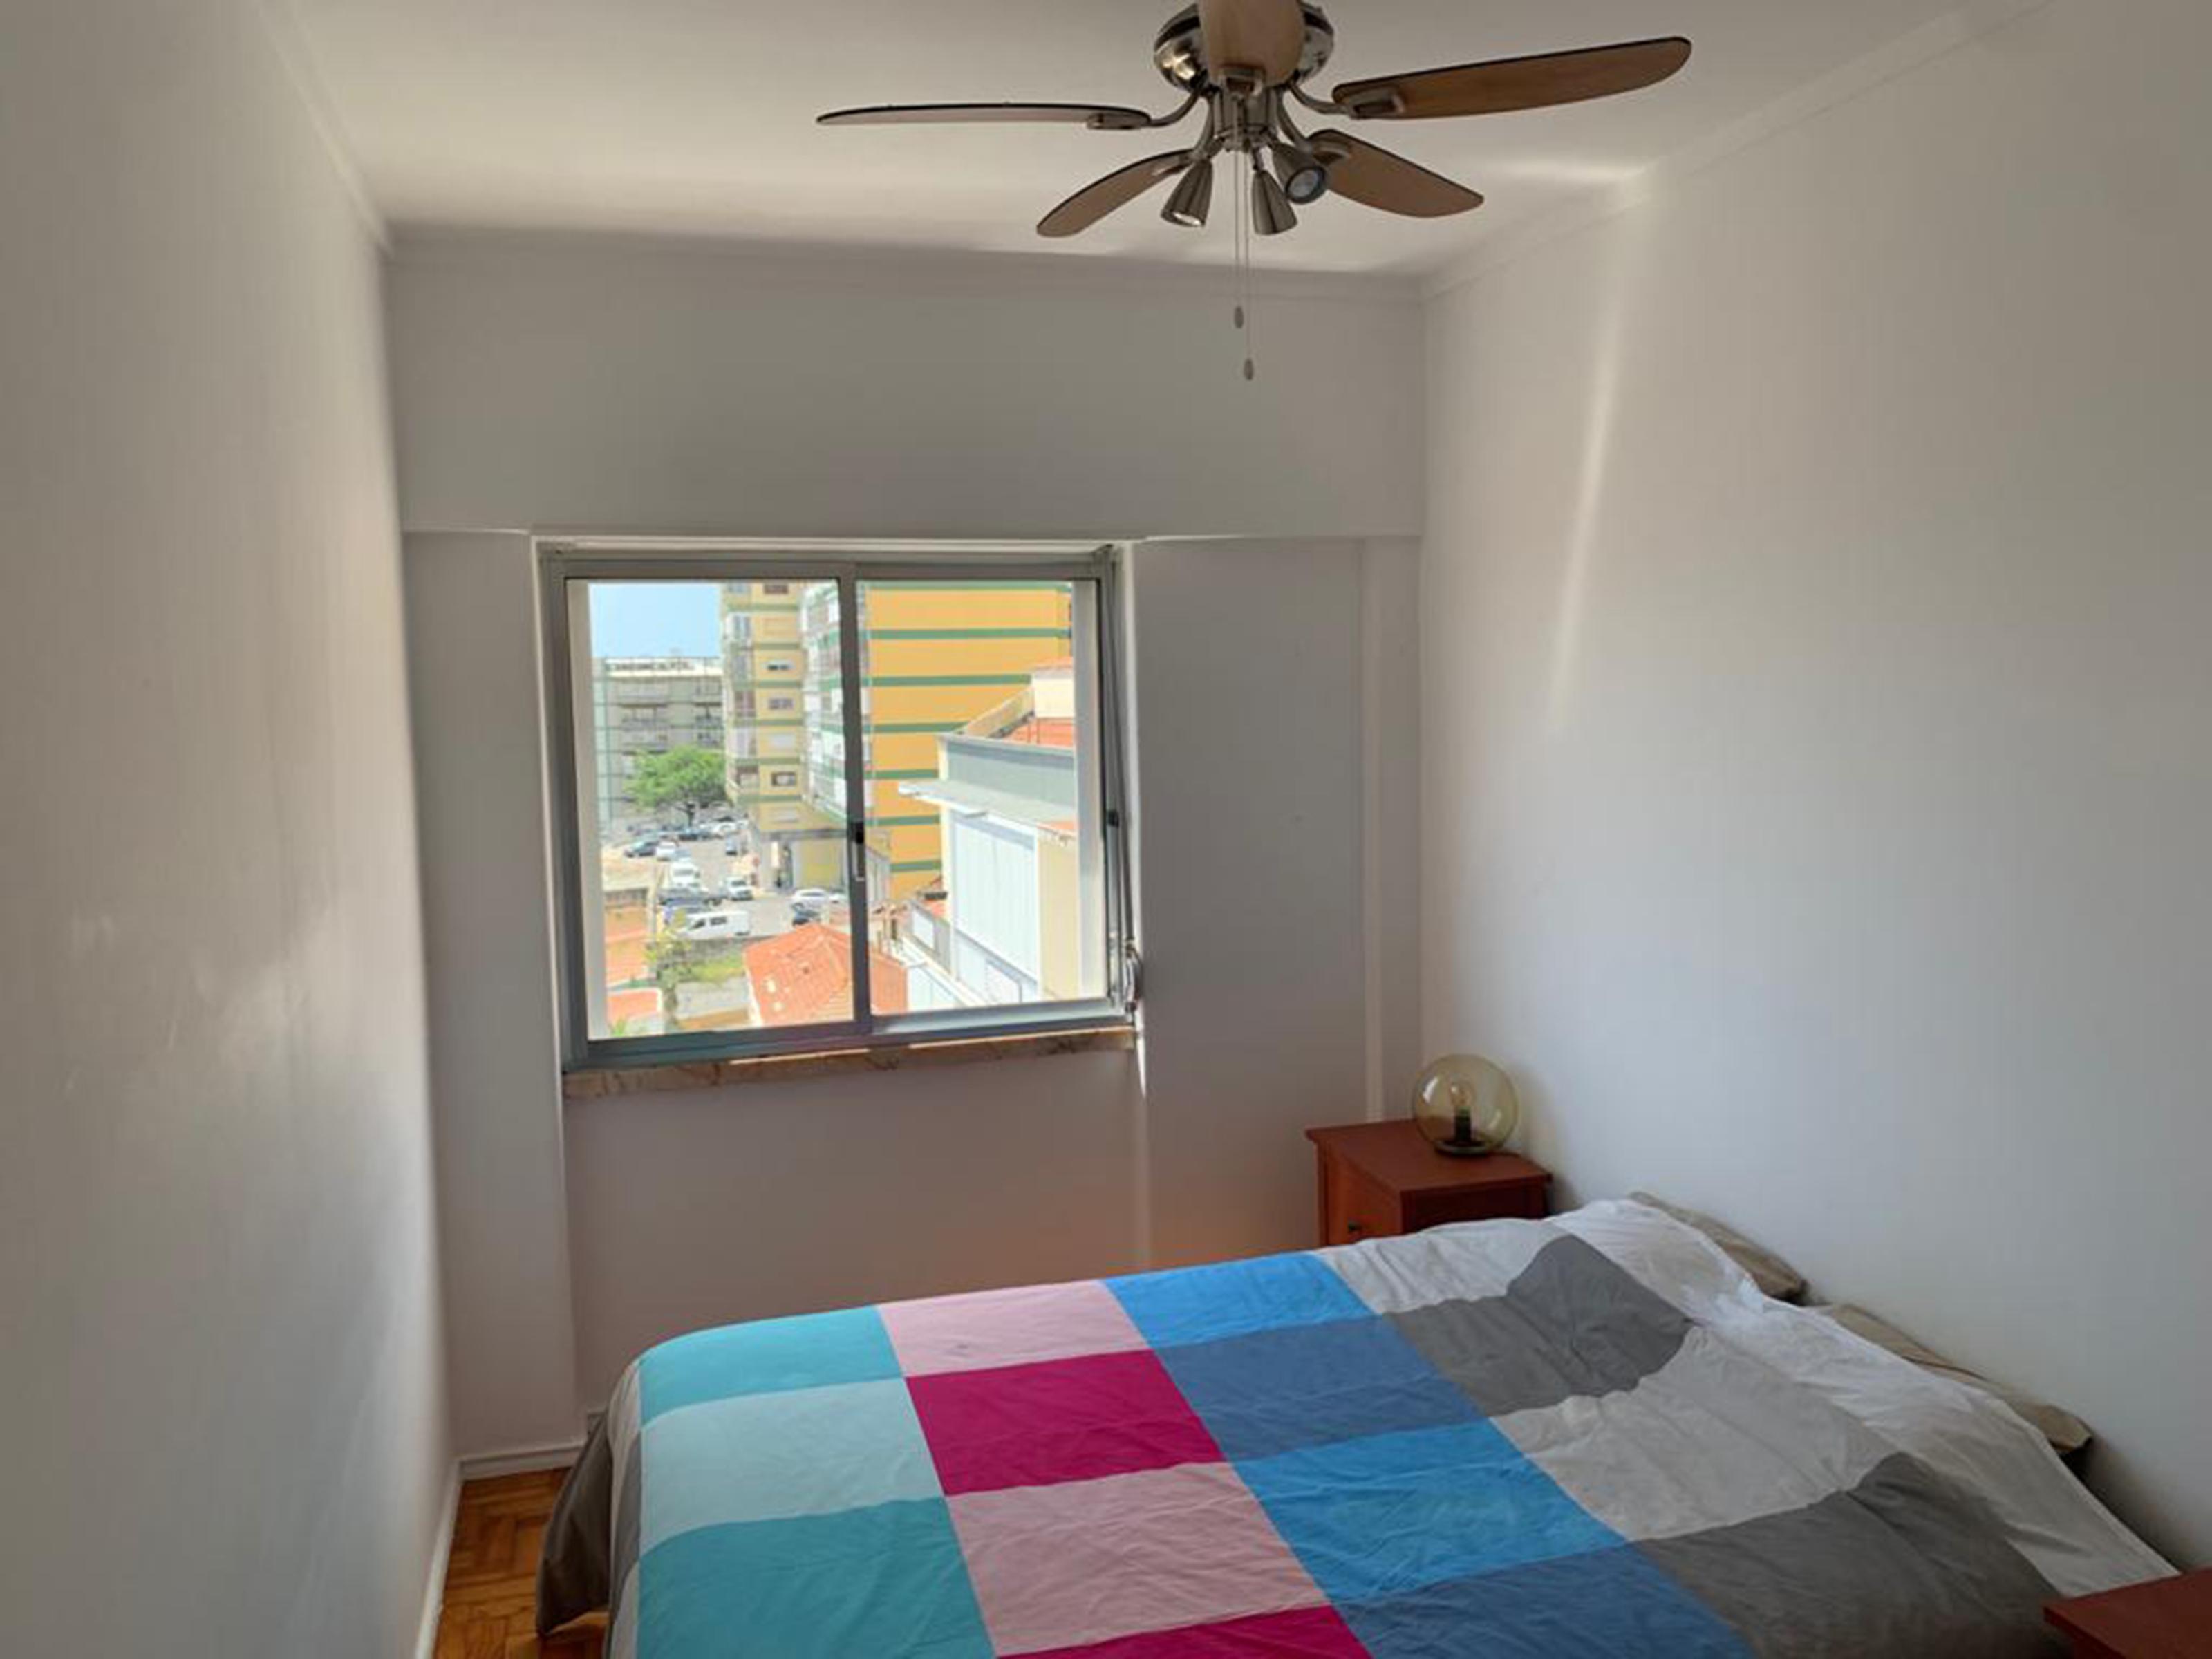 למכירה- דירת 3 חדרים, נוף לנהר, ליסבון